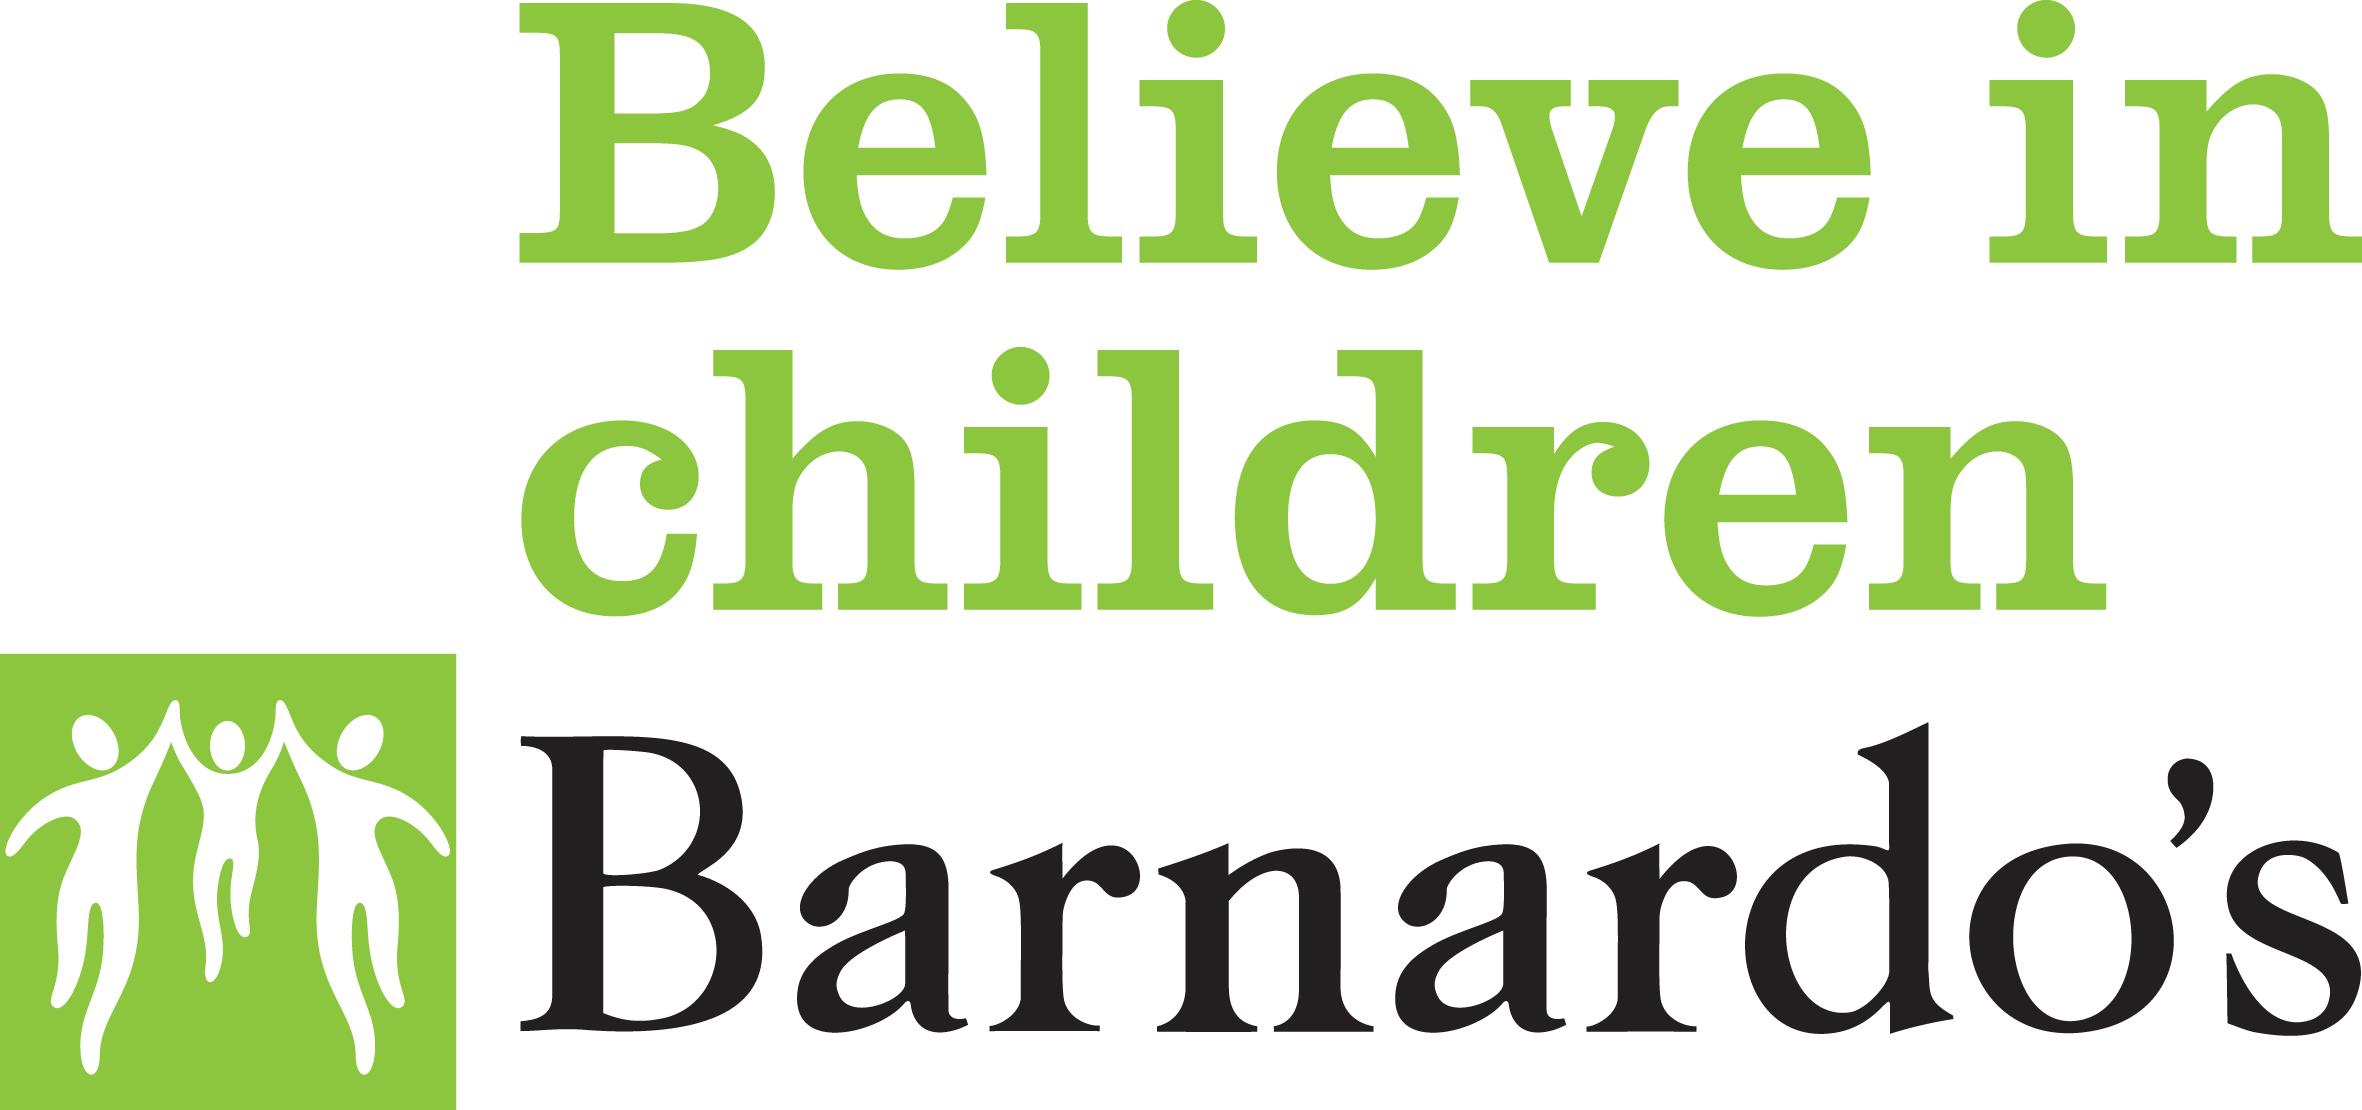 Barnardo's.jpg